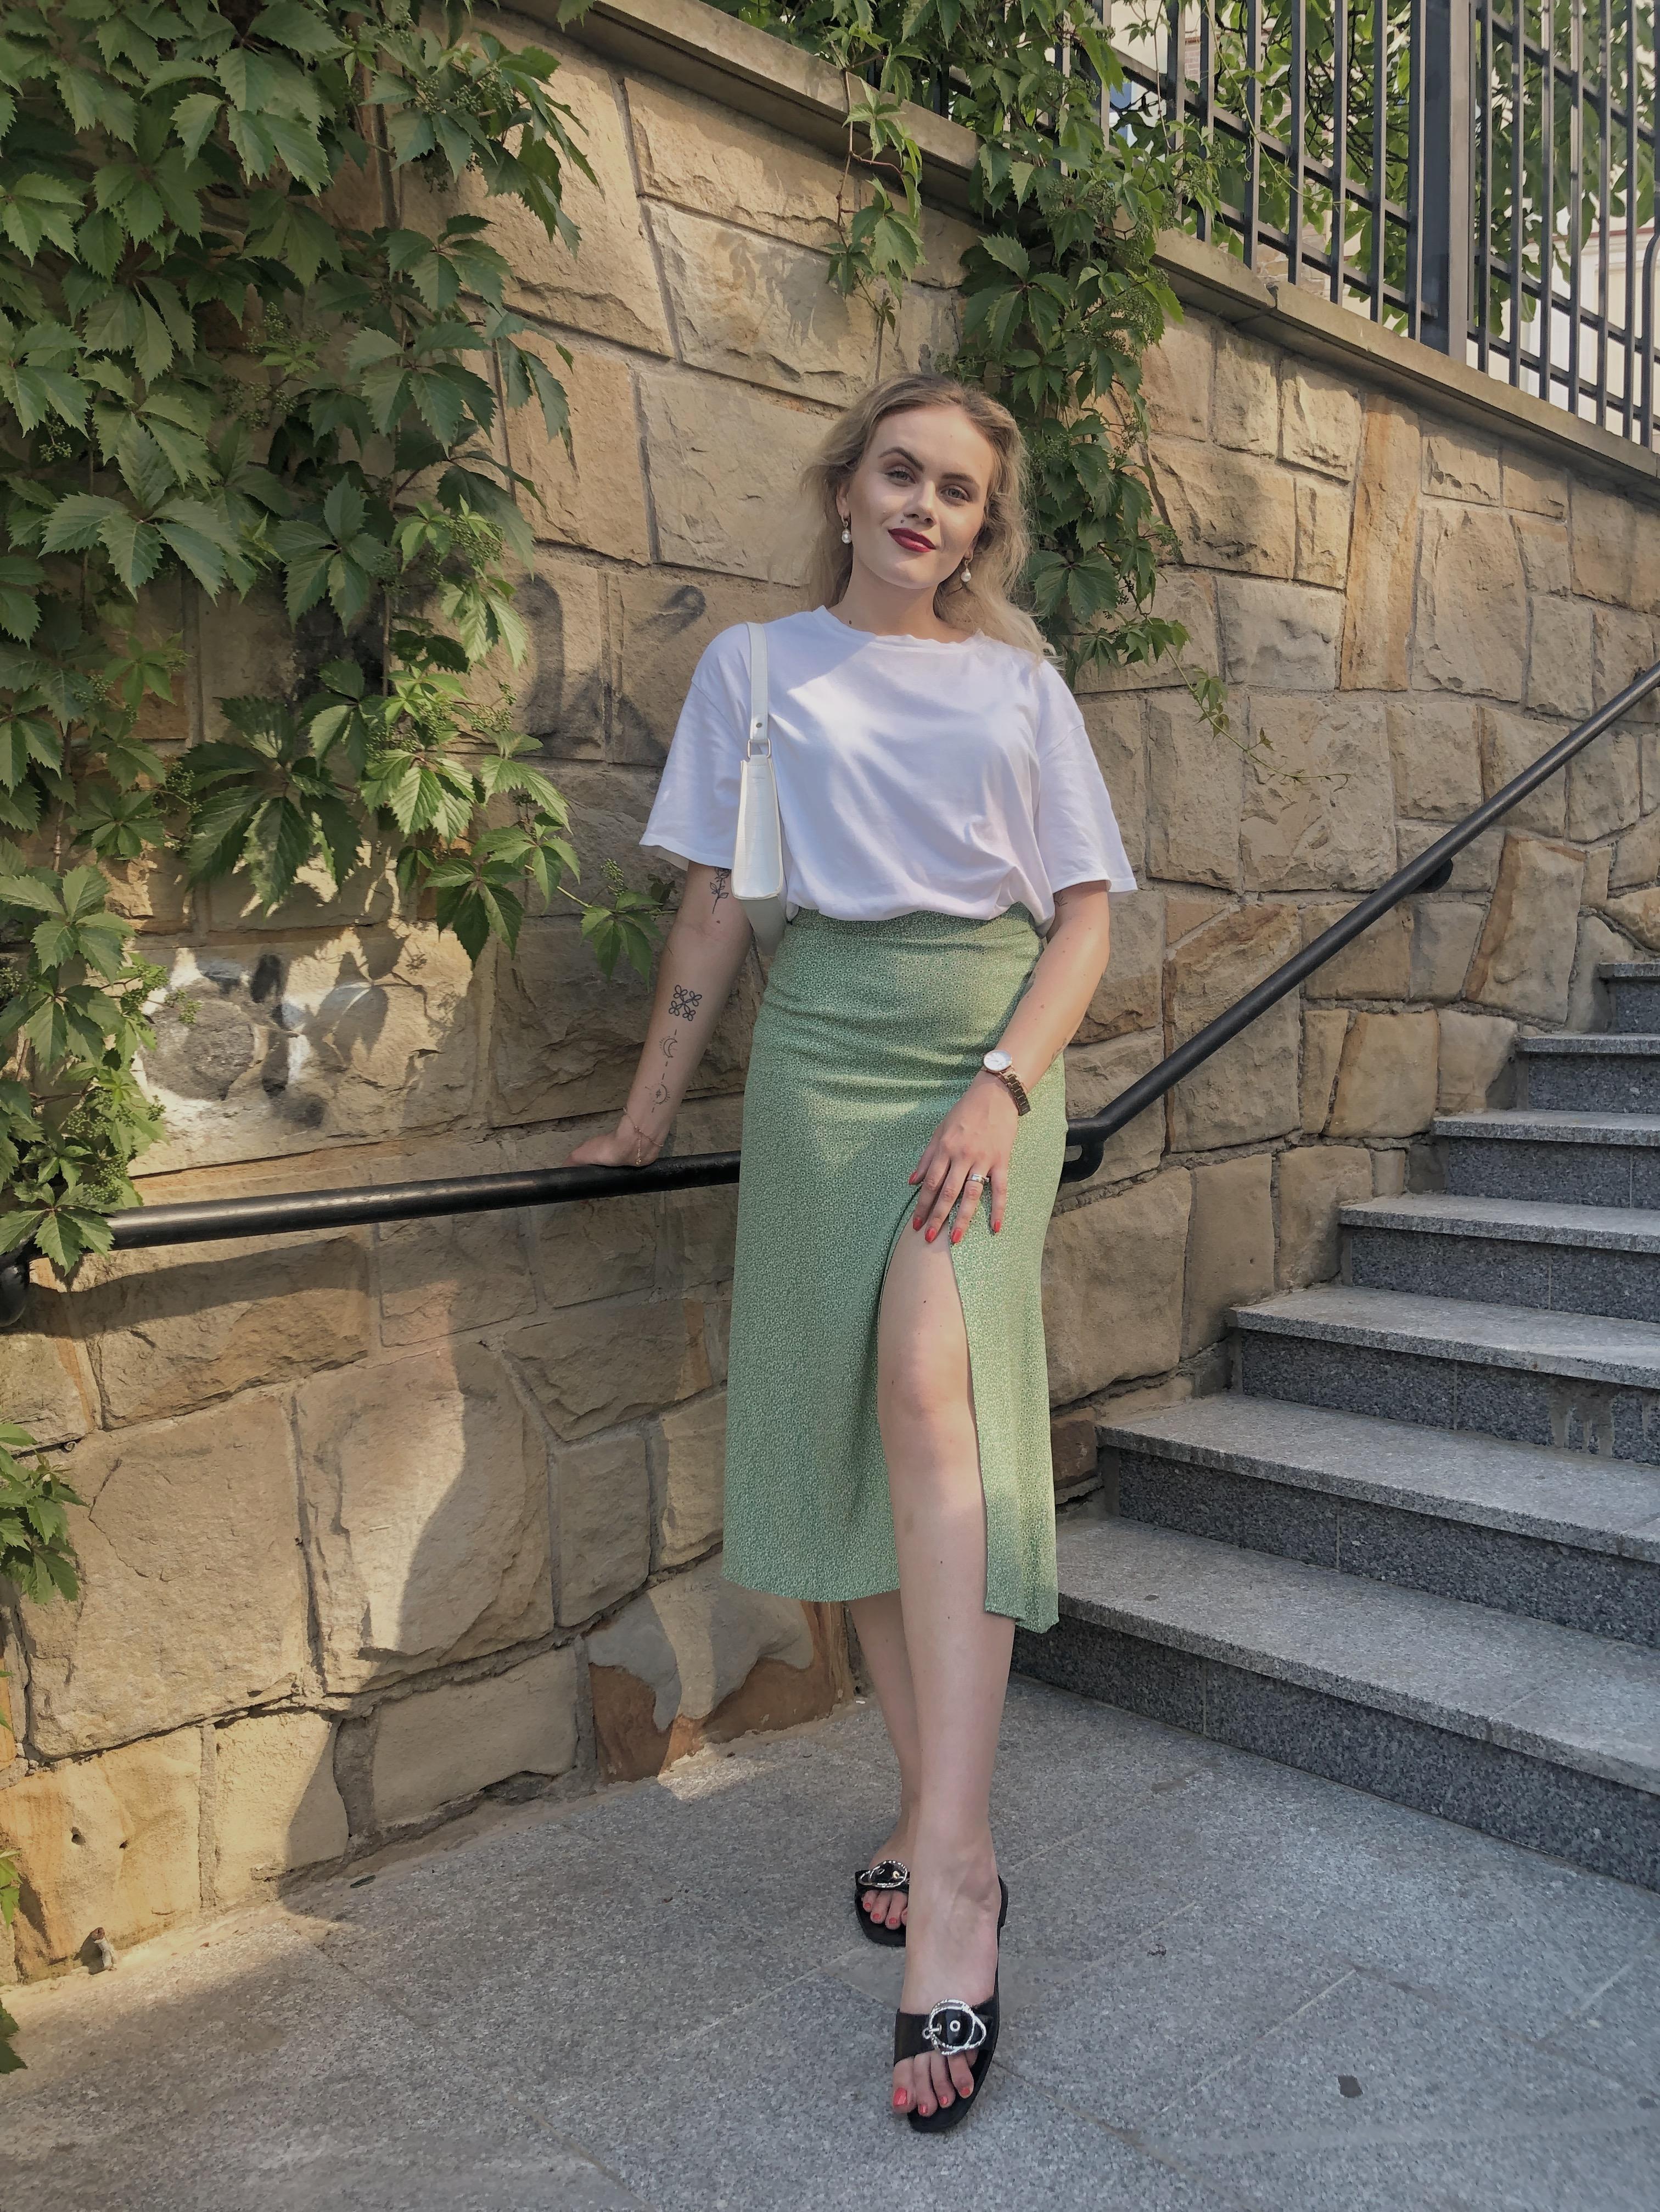 Zielona spódnica w roli głównej